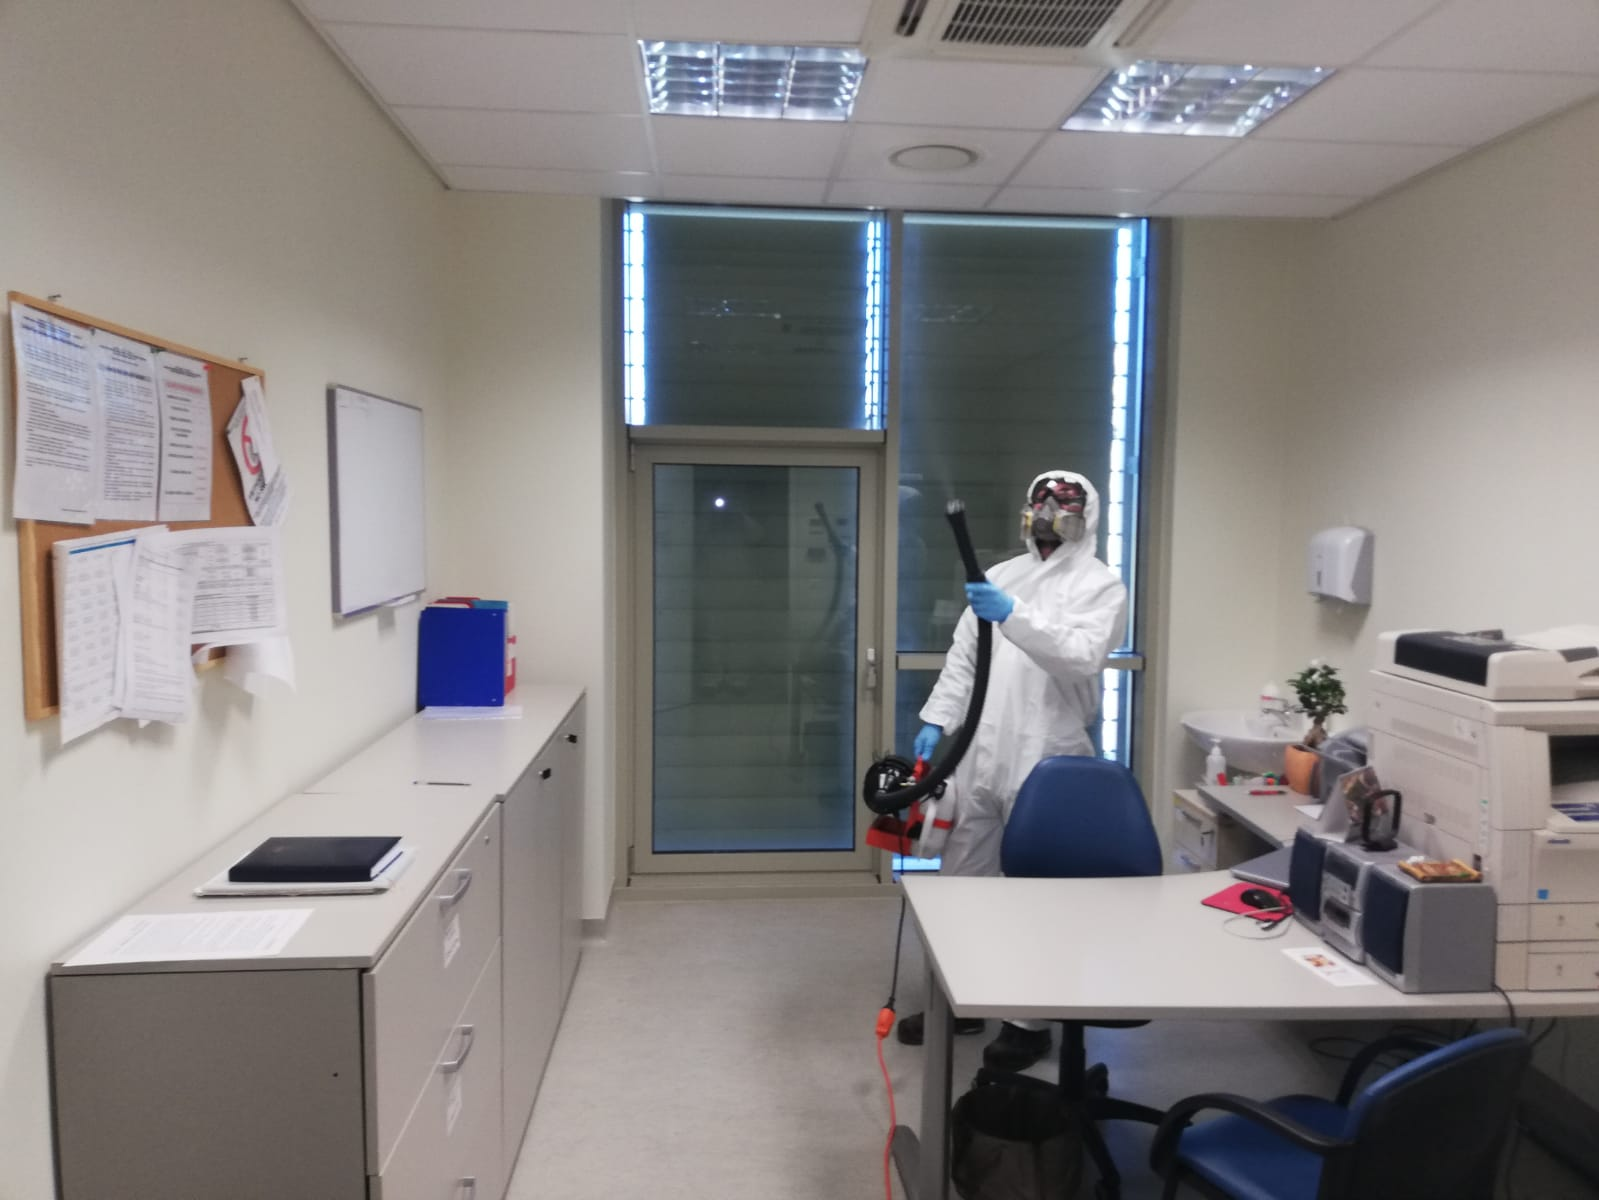 servizio di disinfezione coronavirus in ambulatorio